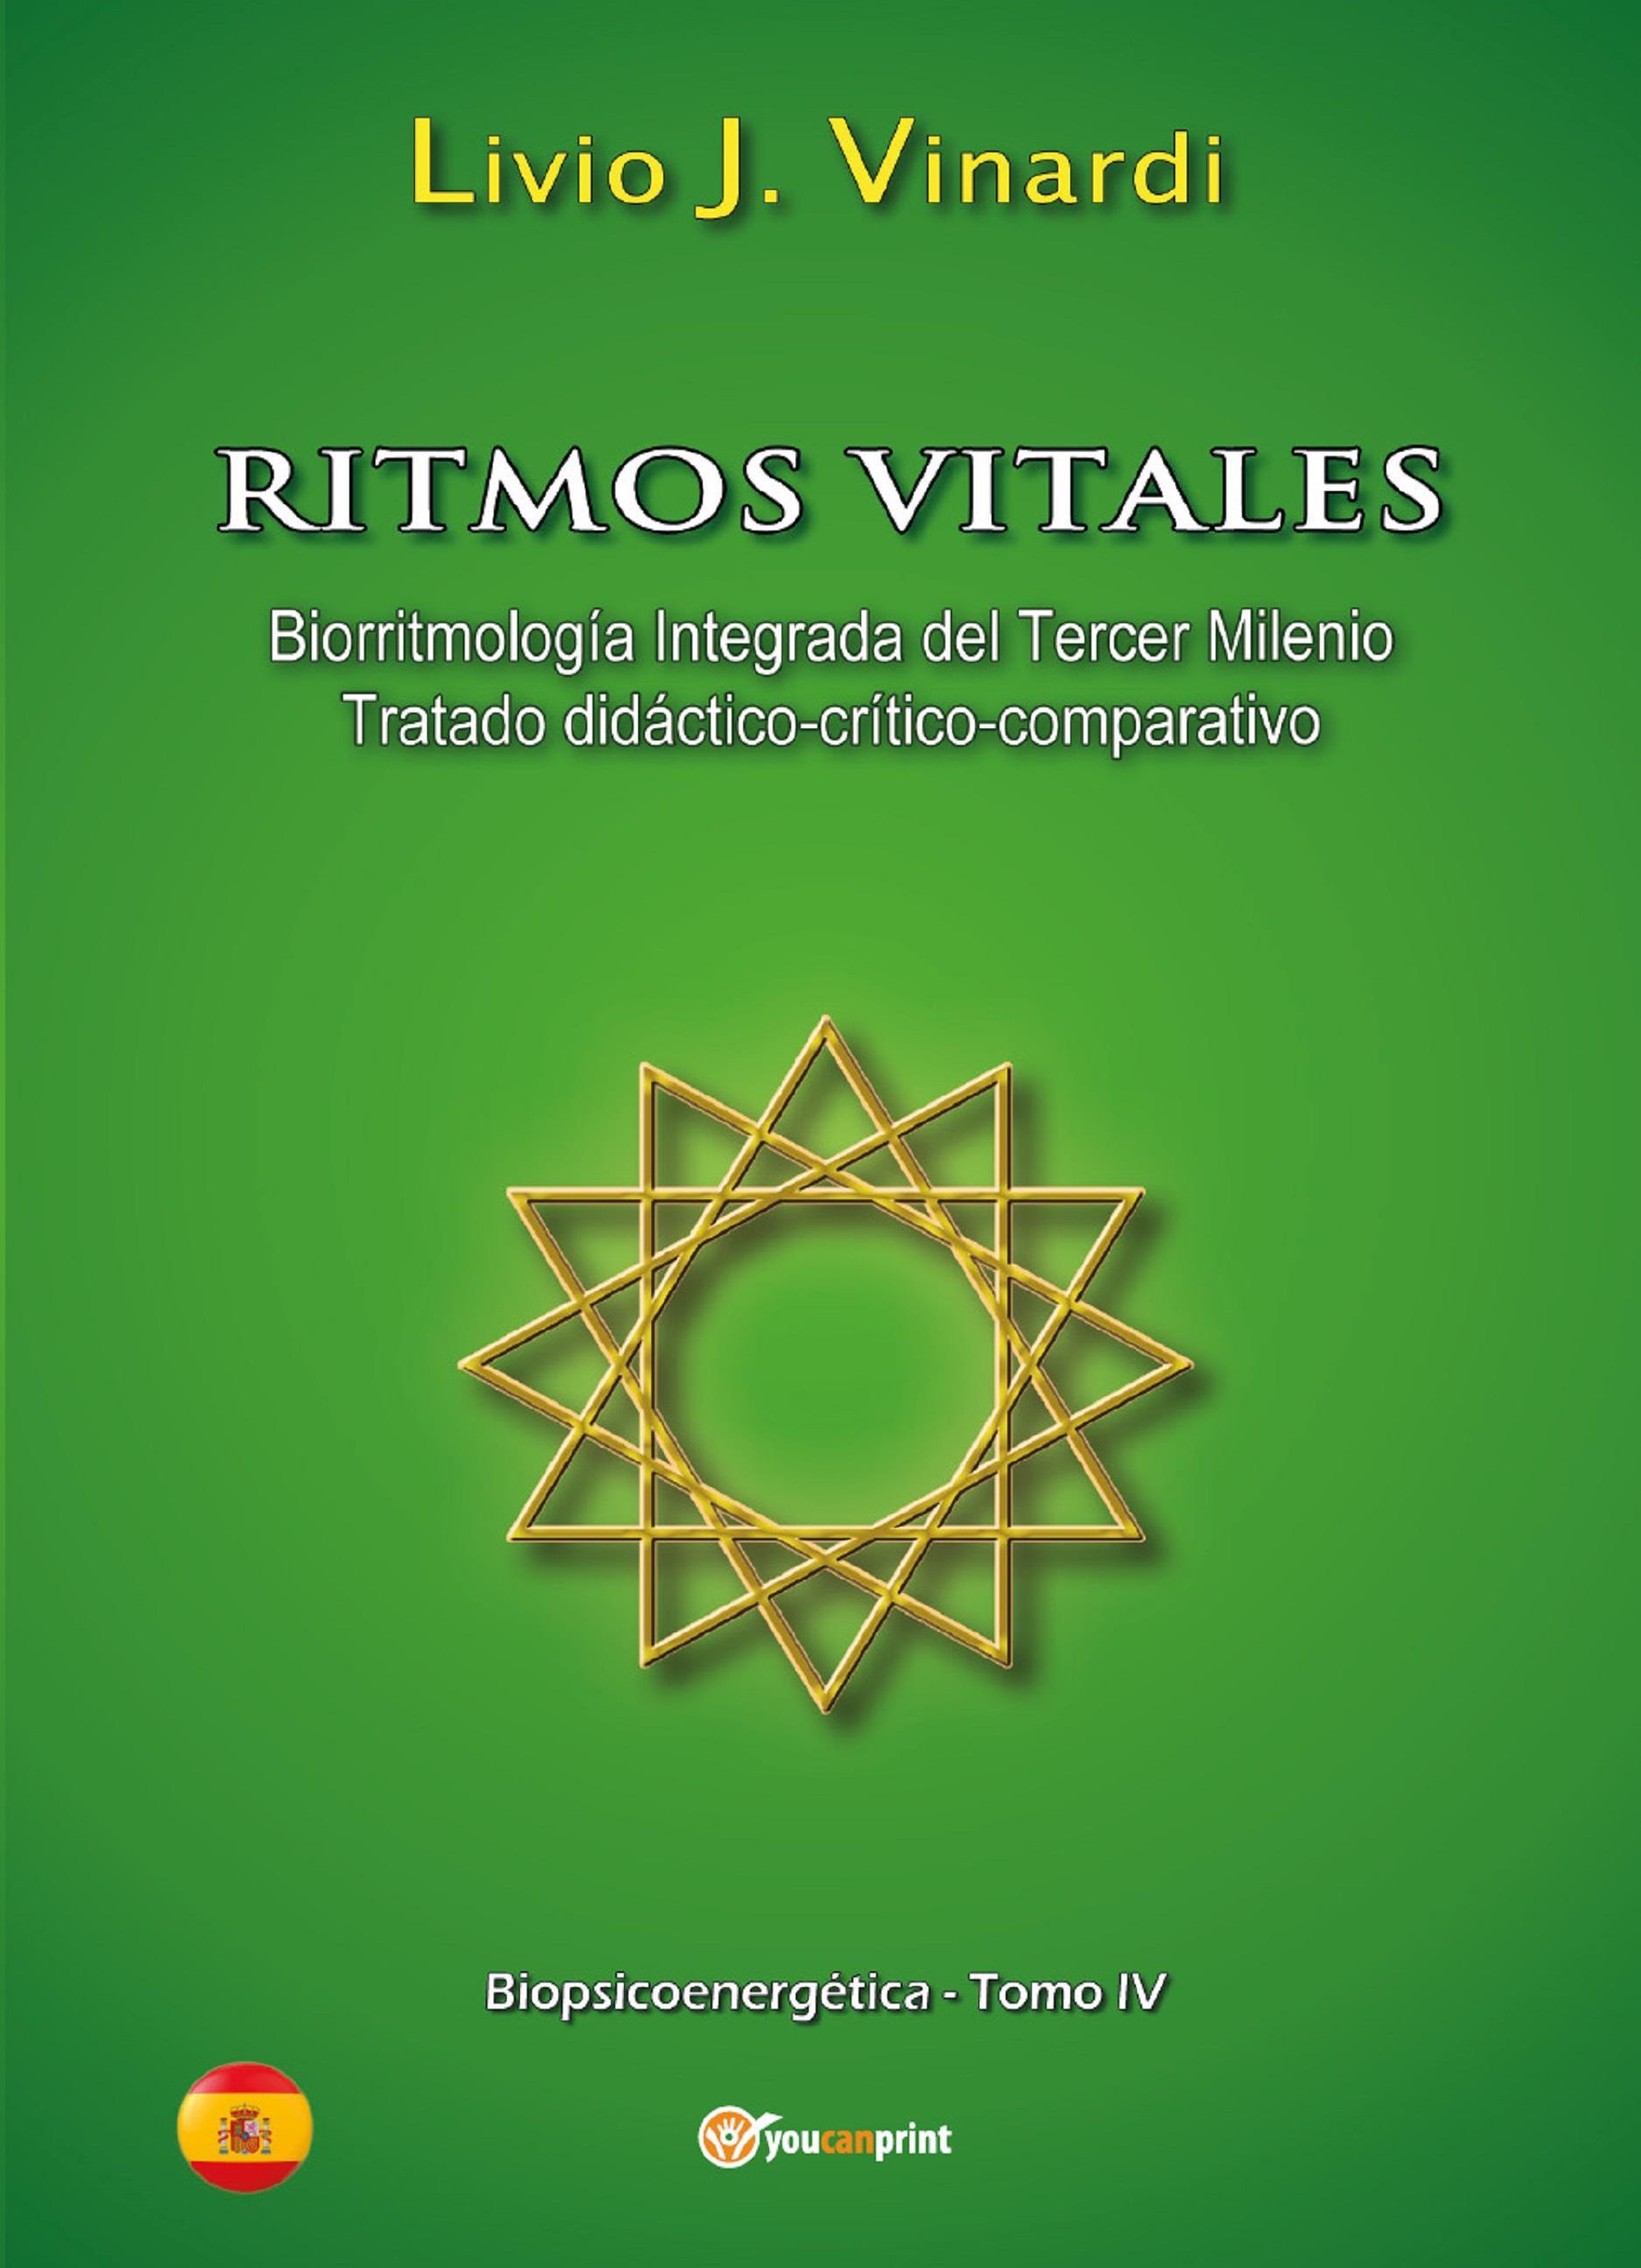 Ritmos vitales (Biorritmología integrada del tercer milenio. Tratado didáctico-crítico-comparativo) EN ESPAÑOL